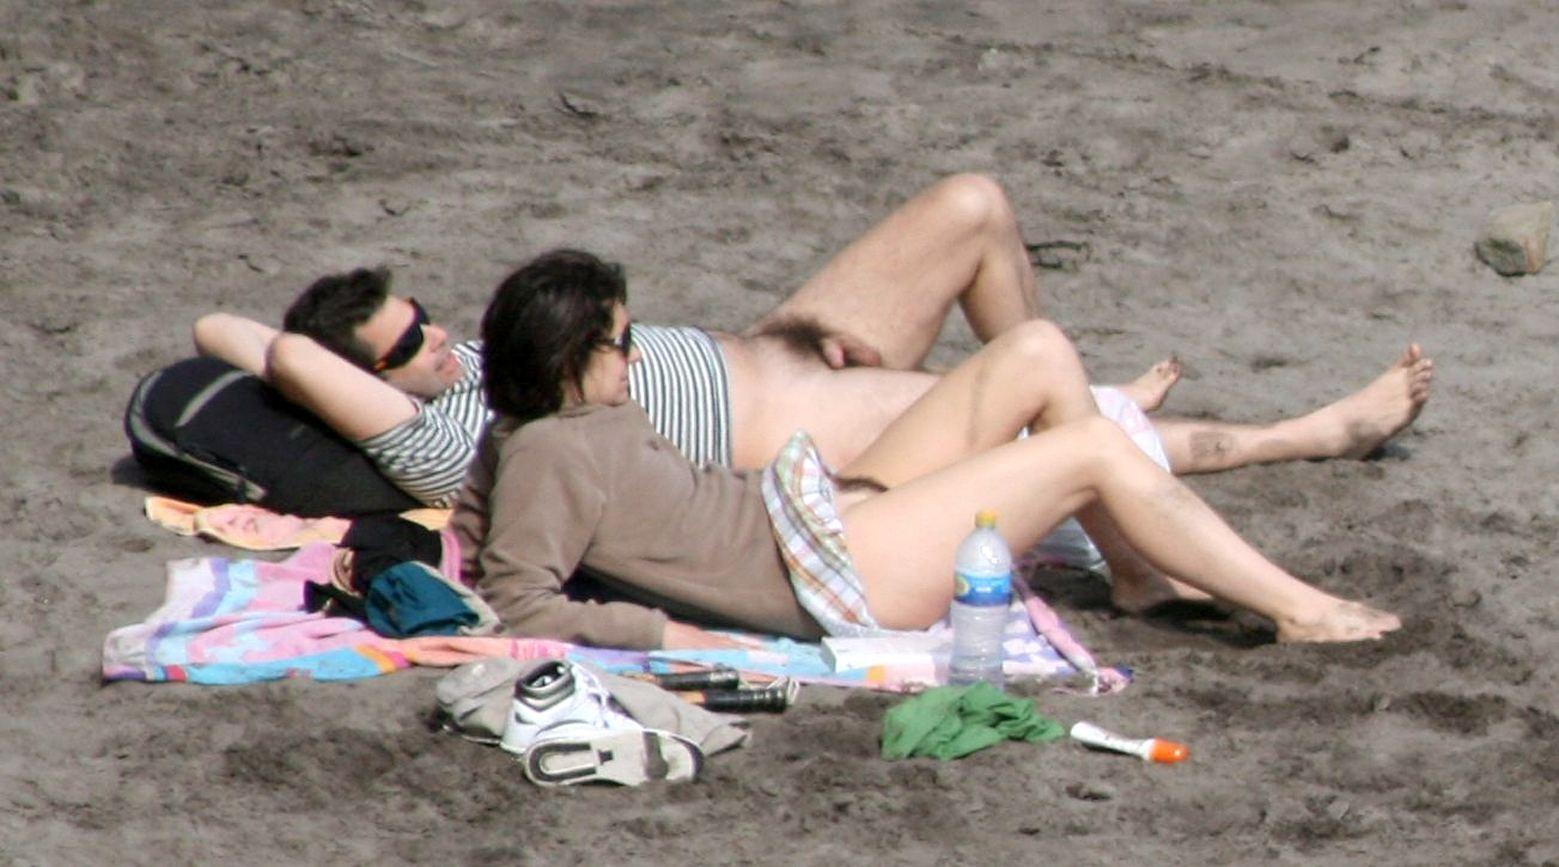 Съёмки на нудистских пляжах 17 фотография